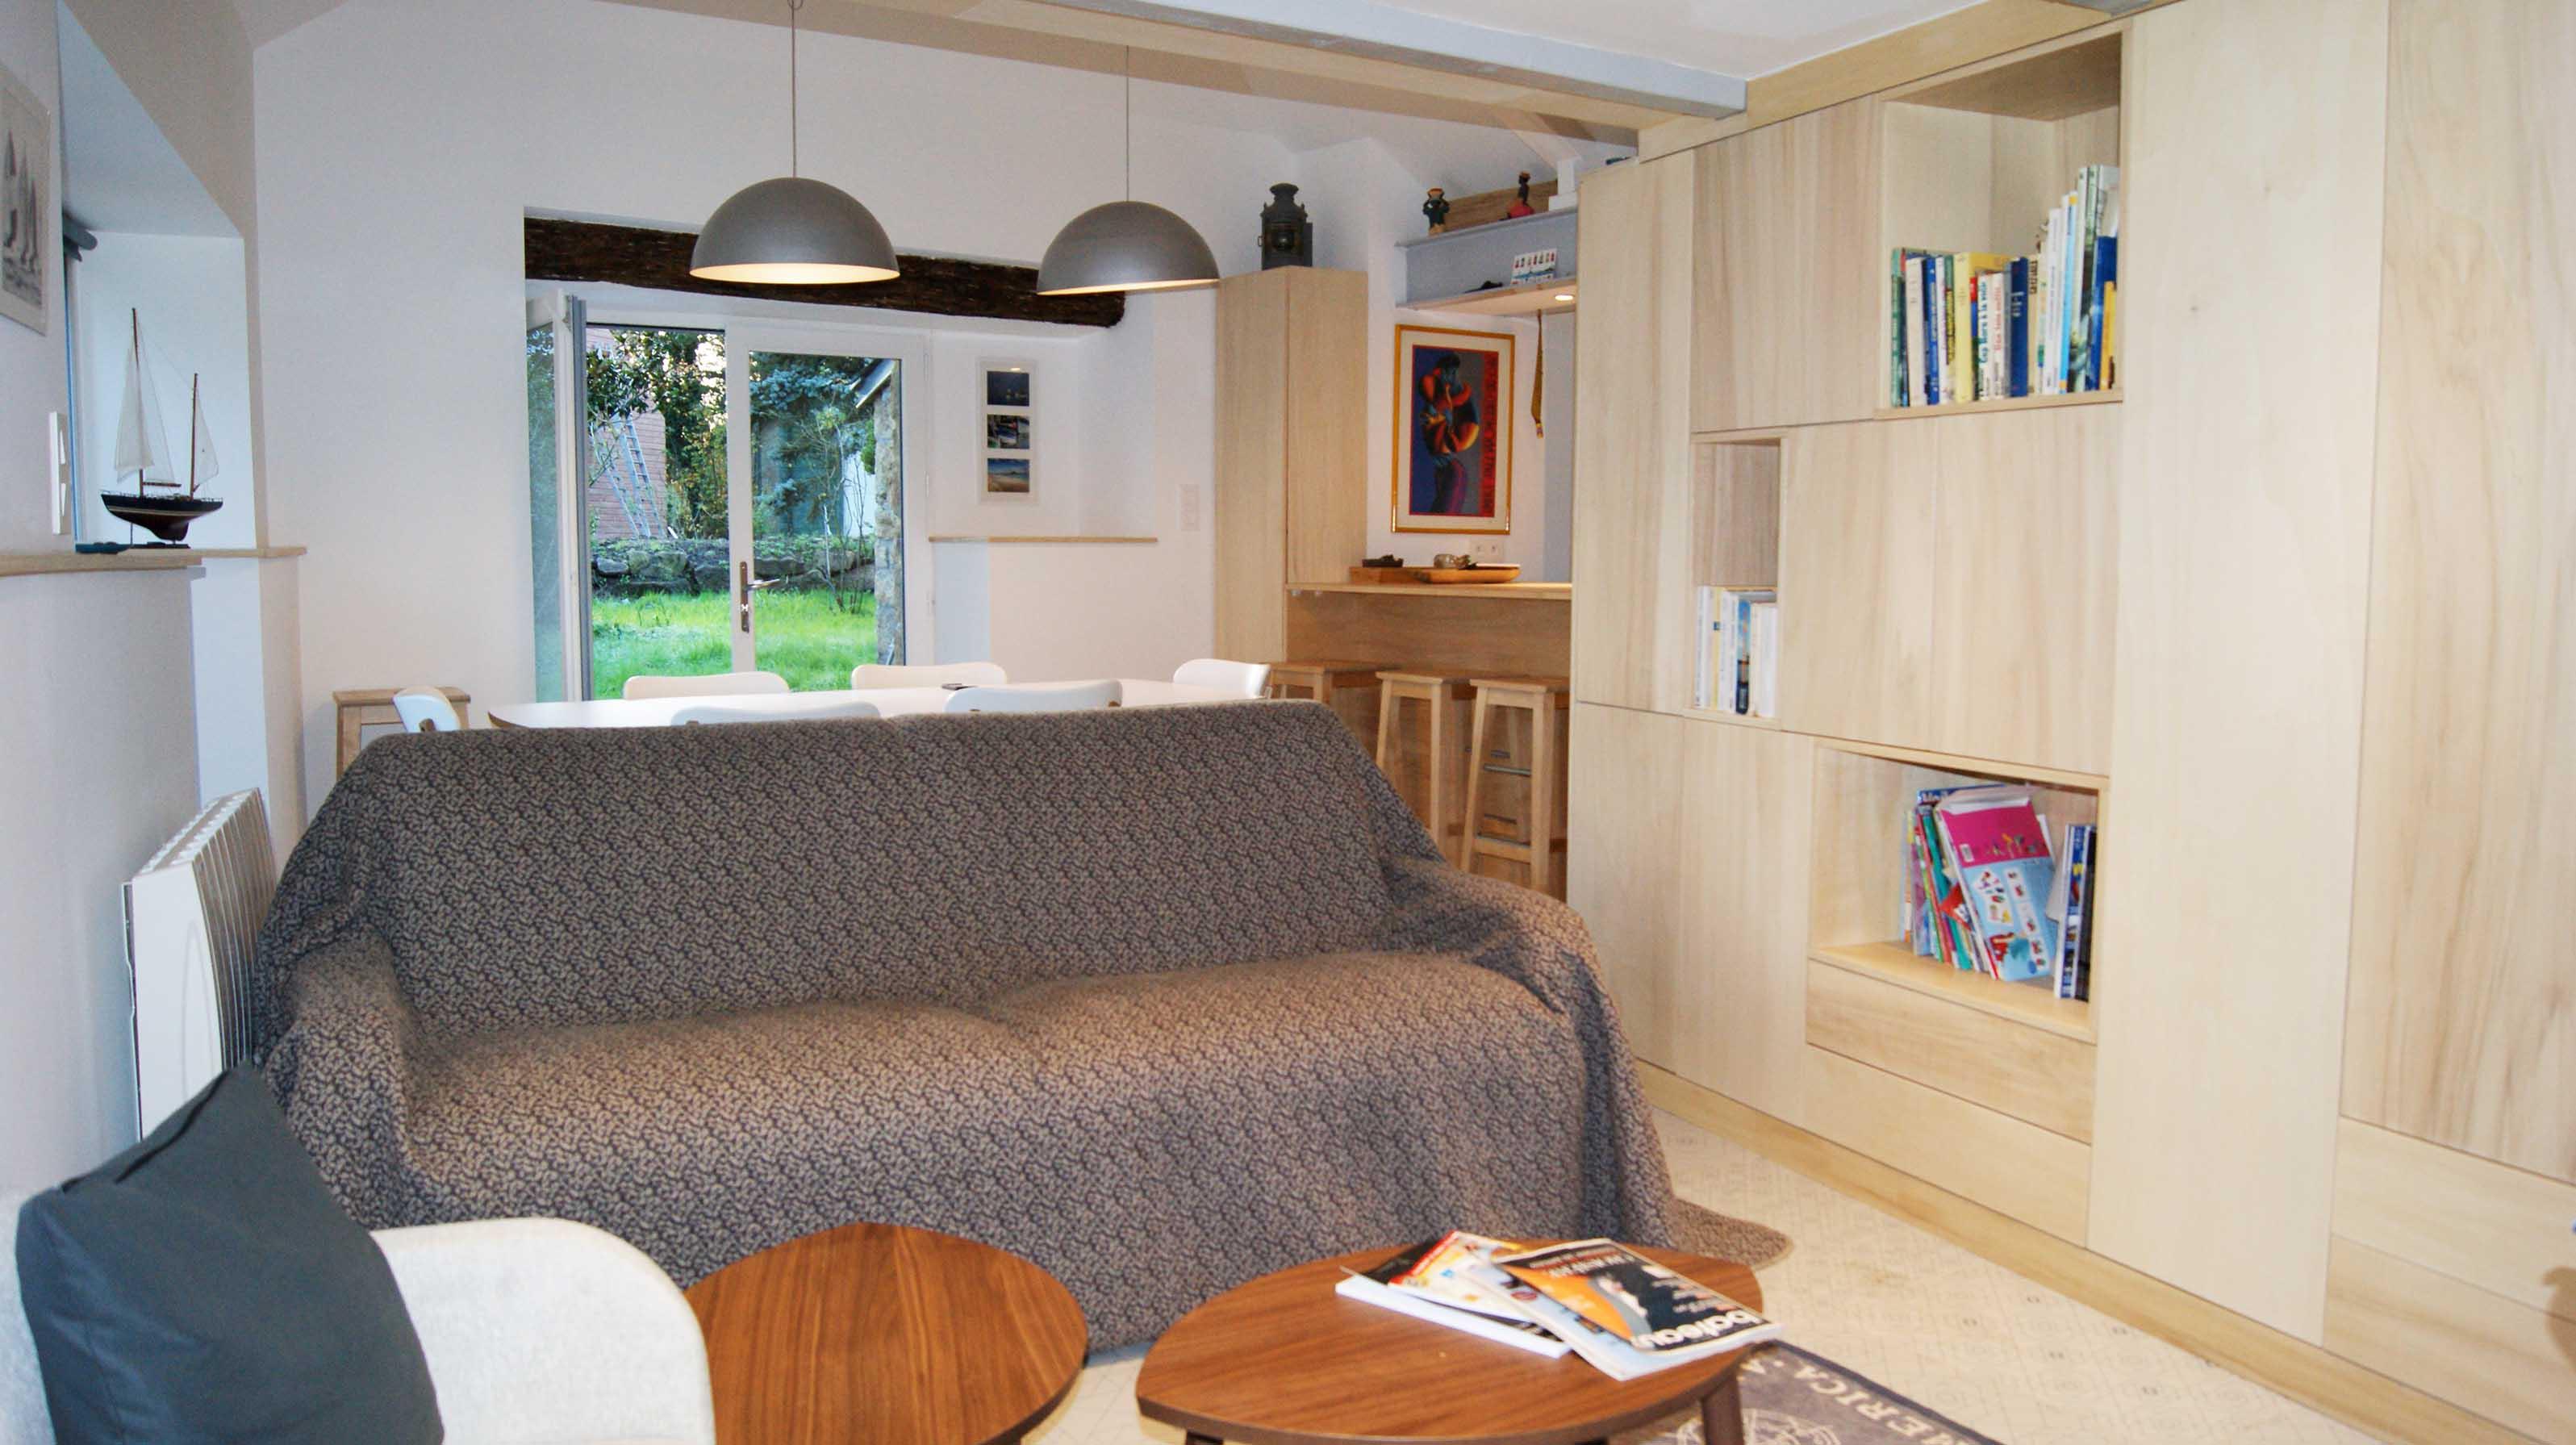 66 meubles route de vannes relooking meubles vannes. Black Bedroom Furniture Sets. Home Design Ideas